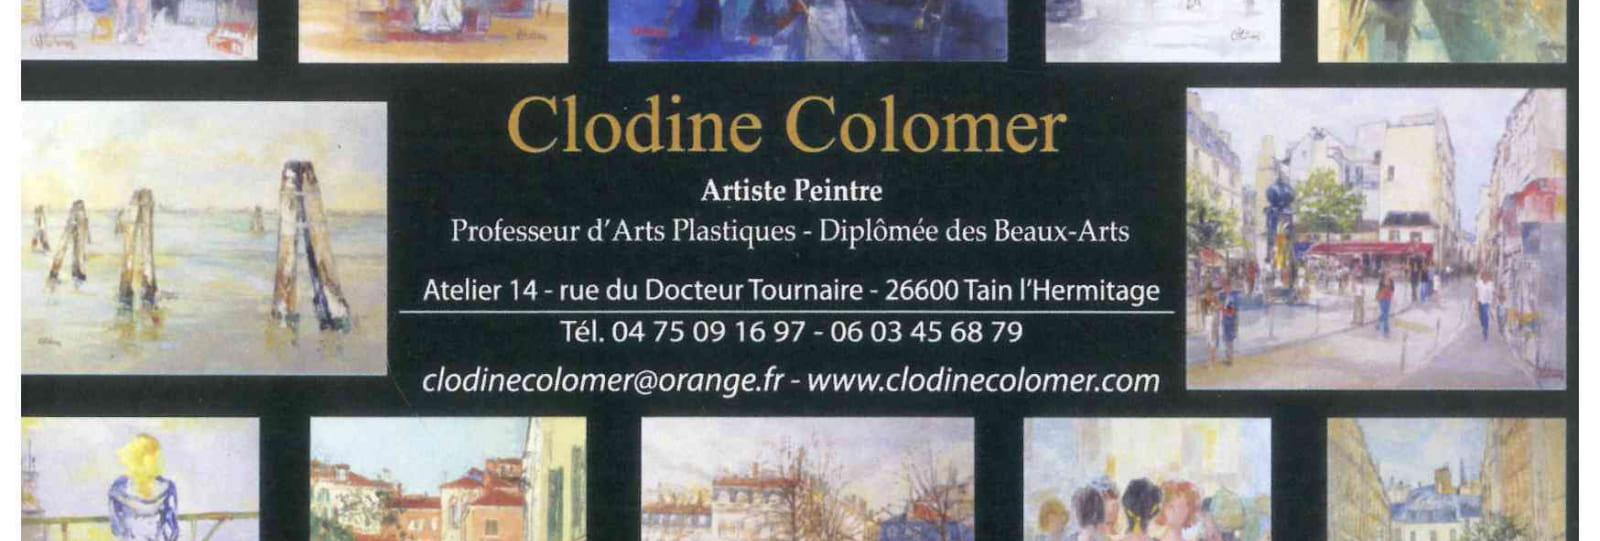 Clodine Colomer